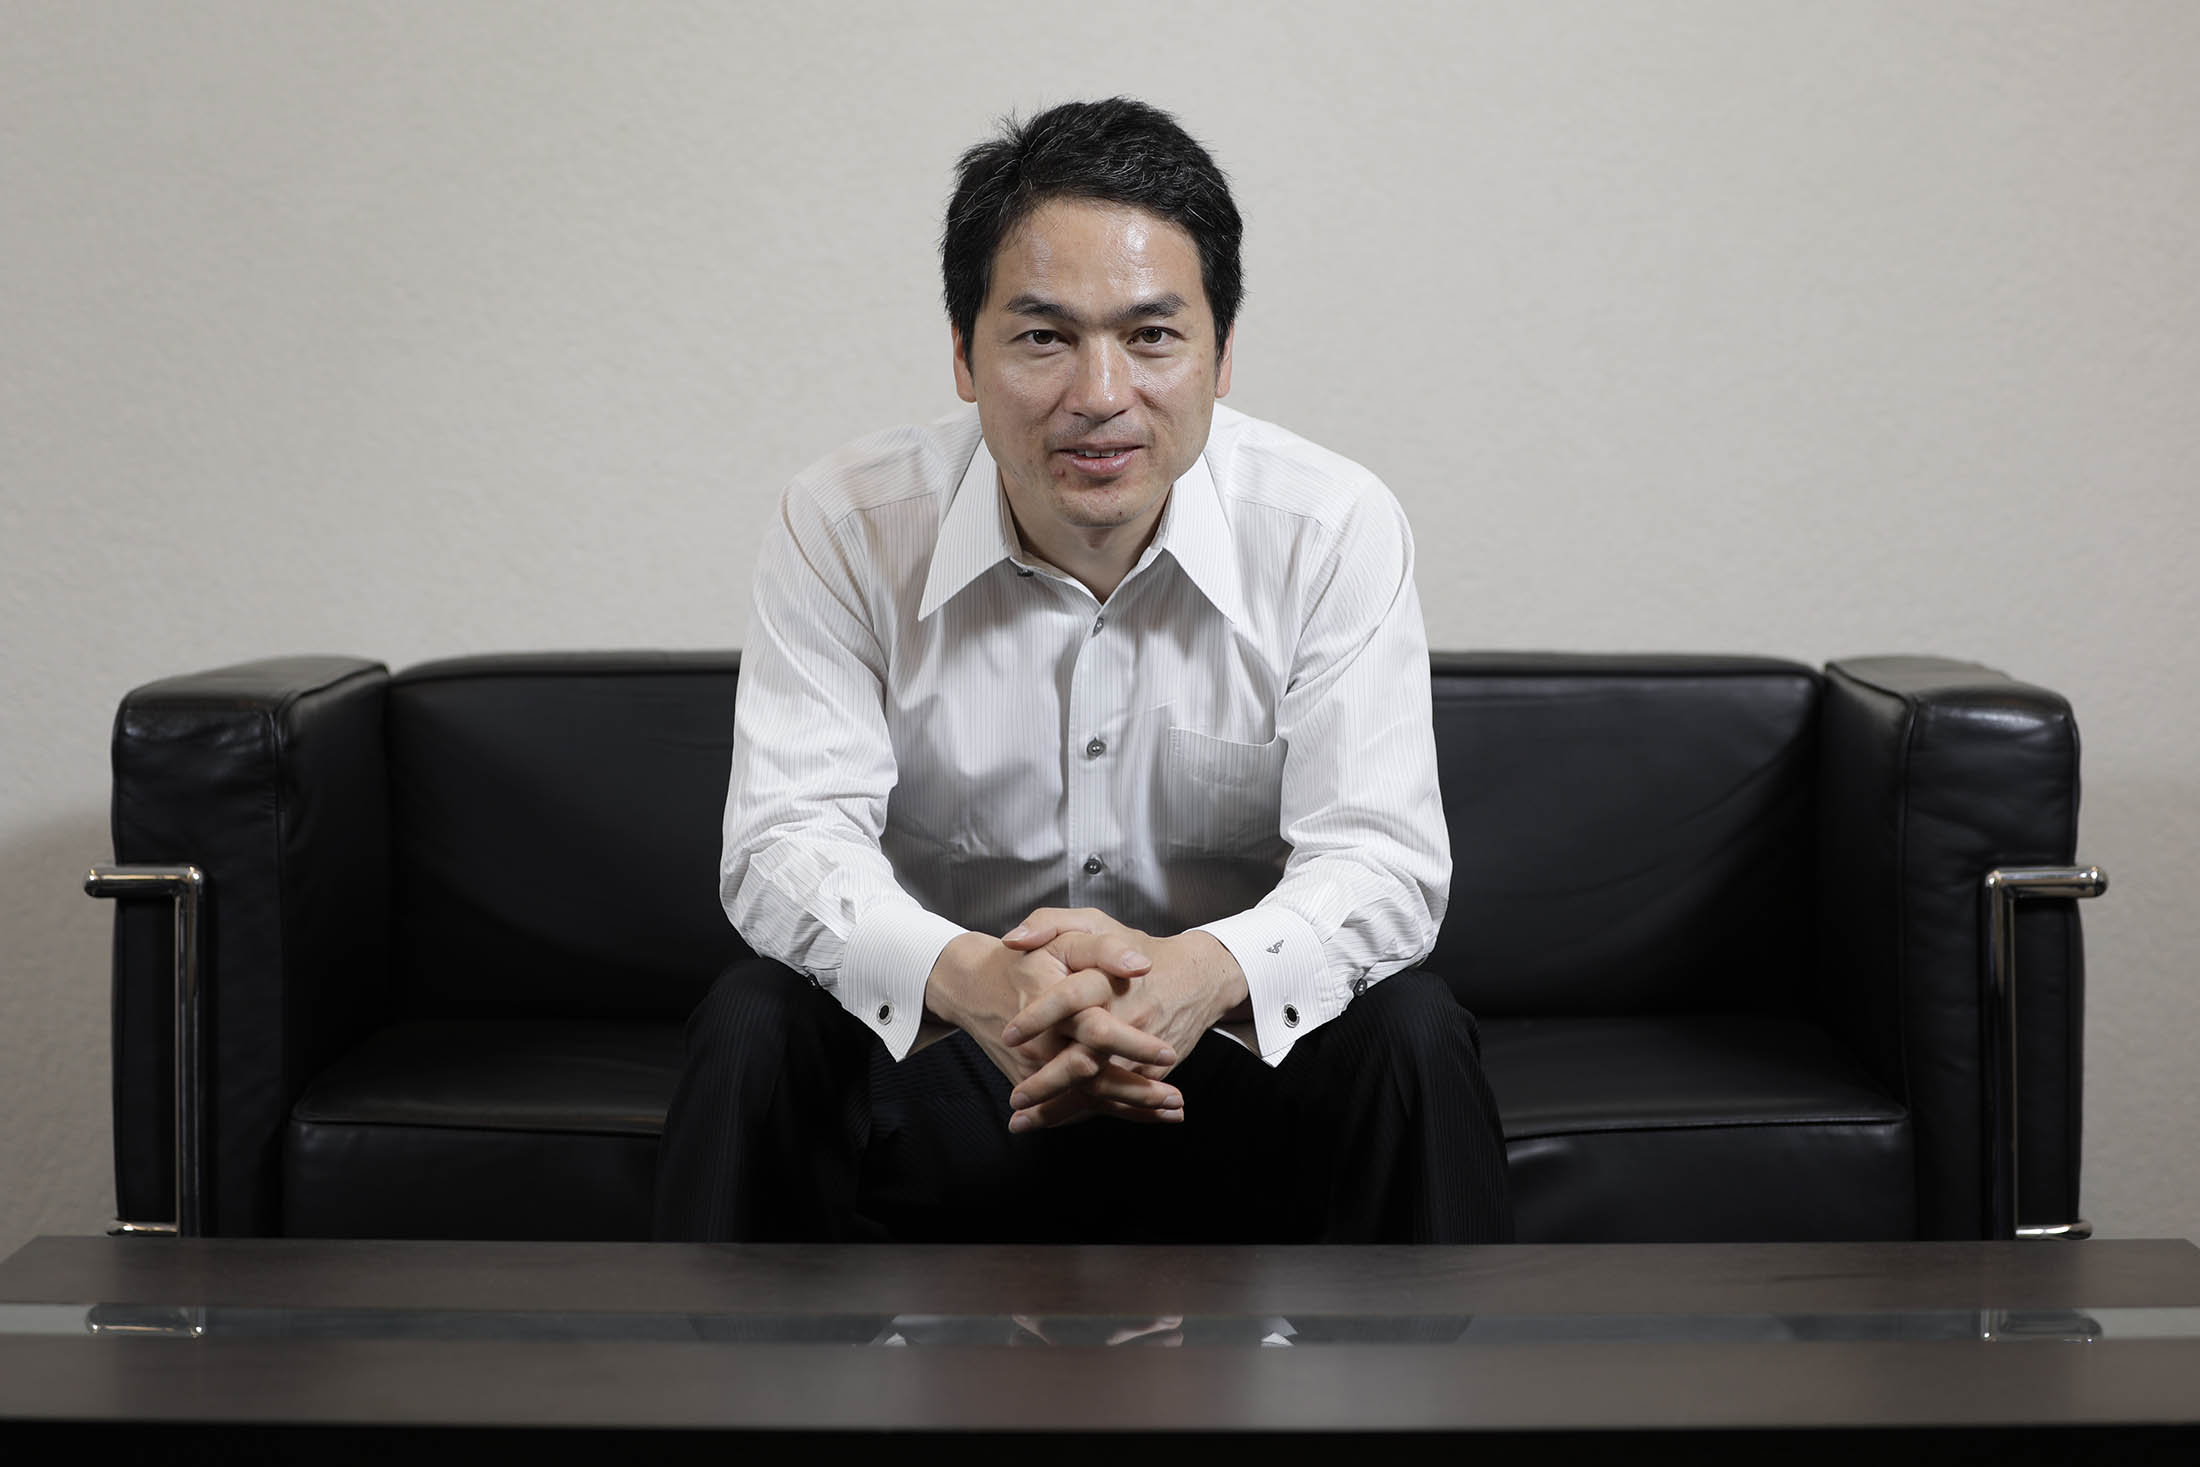 空売りヘッジファンドが頼る新進気鋭の日本人-辛辣な指摘で存在感